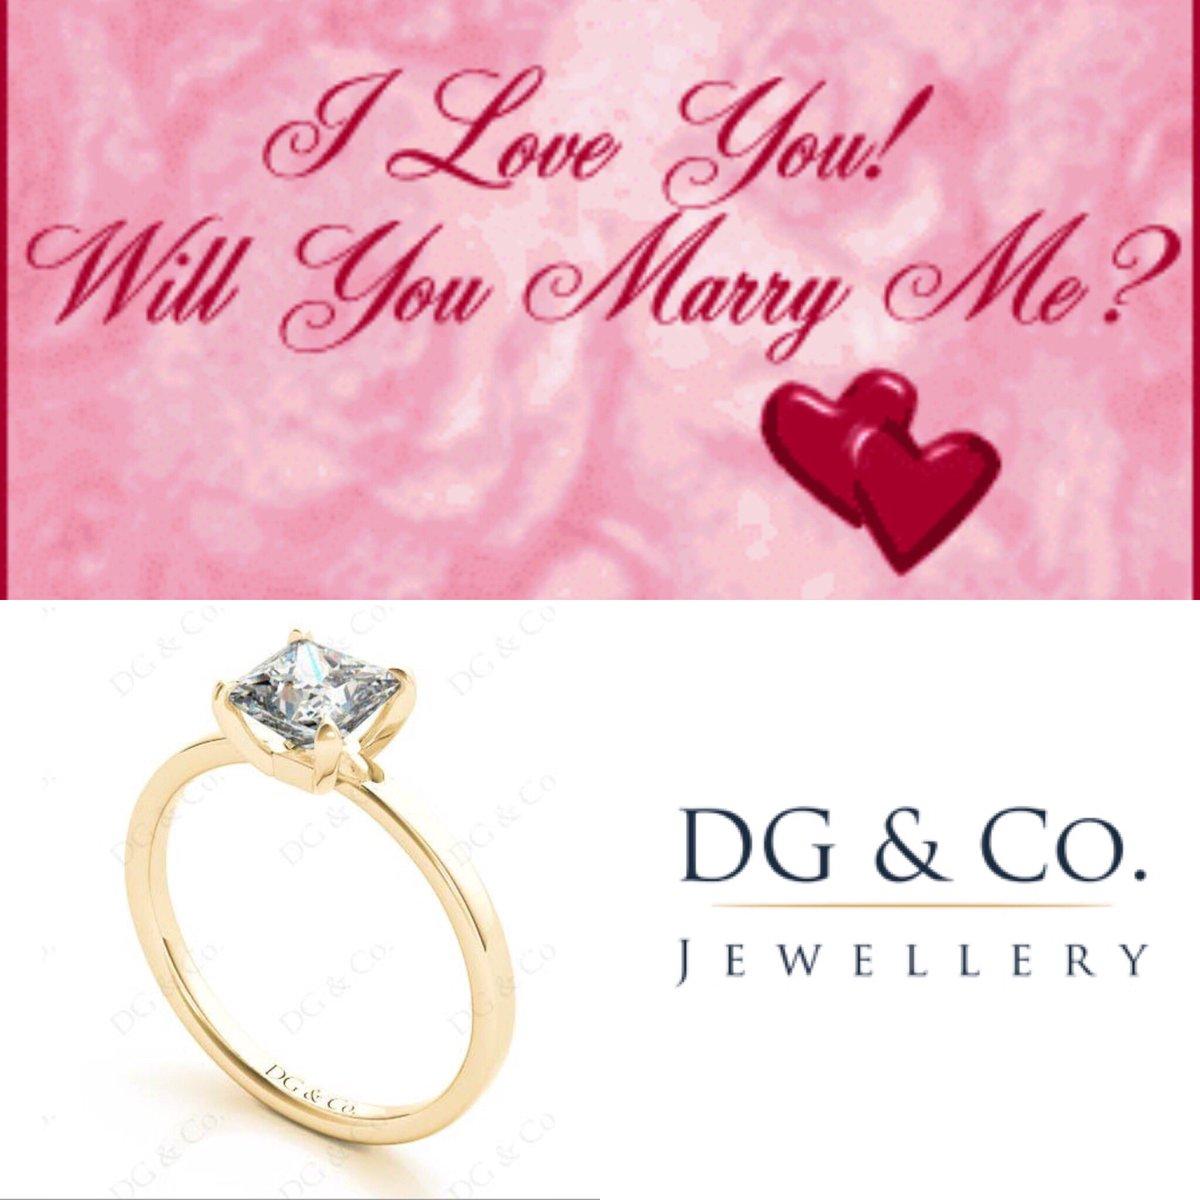 DG & Co. JEWELLERY (@DiamondgoldCo) | Twitter